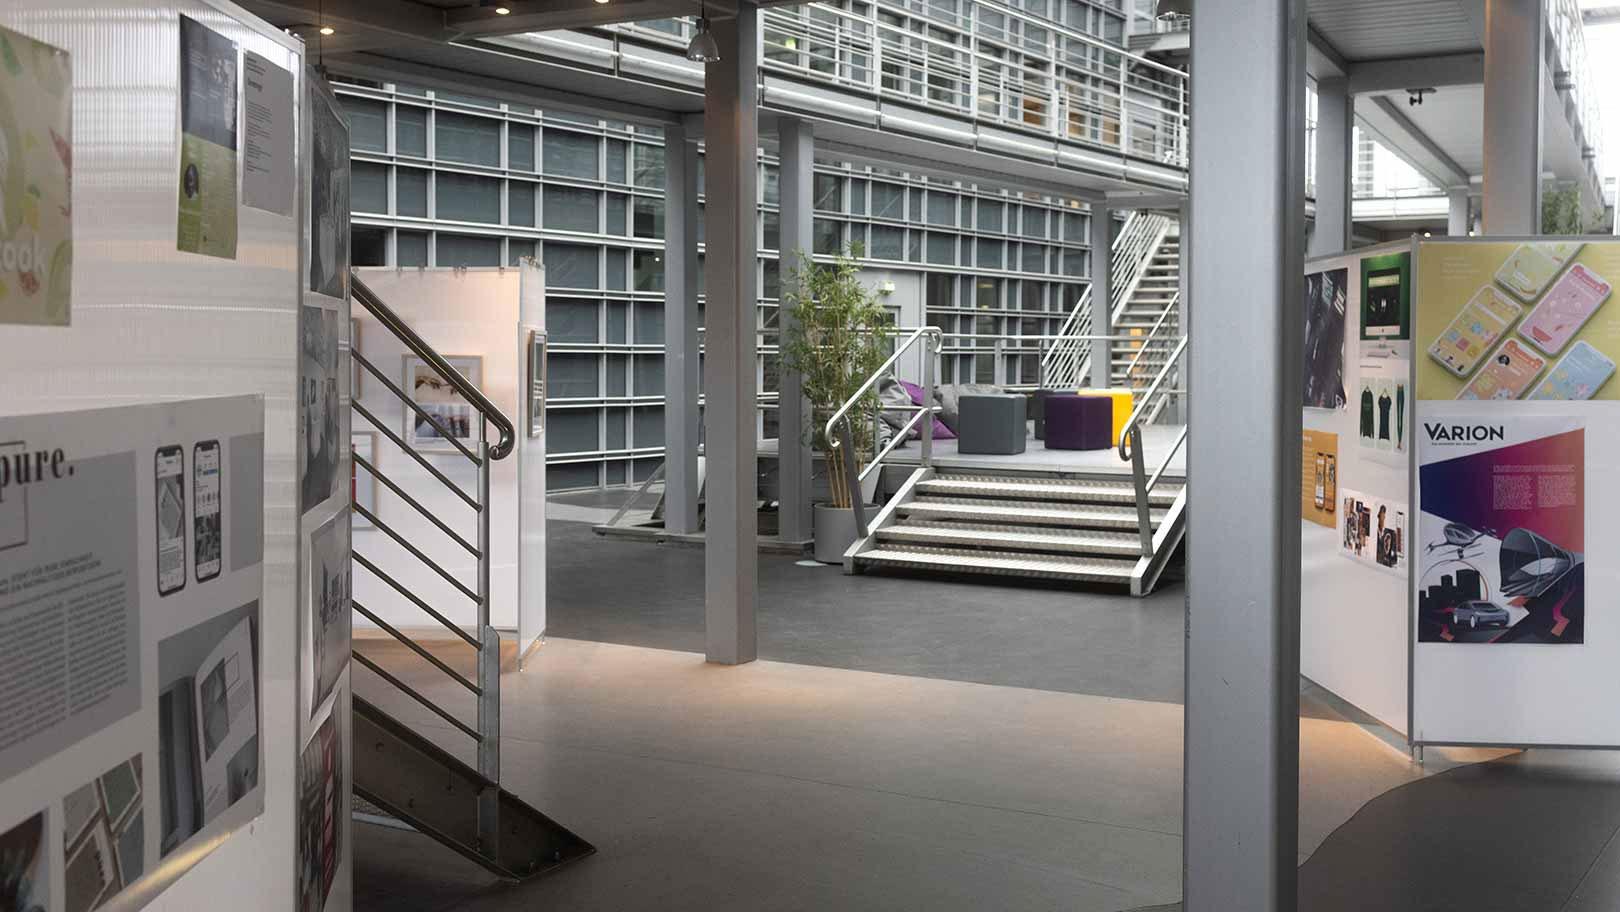 Ausbildung Hamburg   Macromedia Akademie